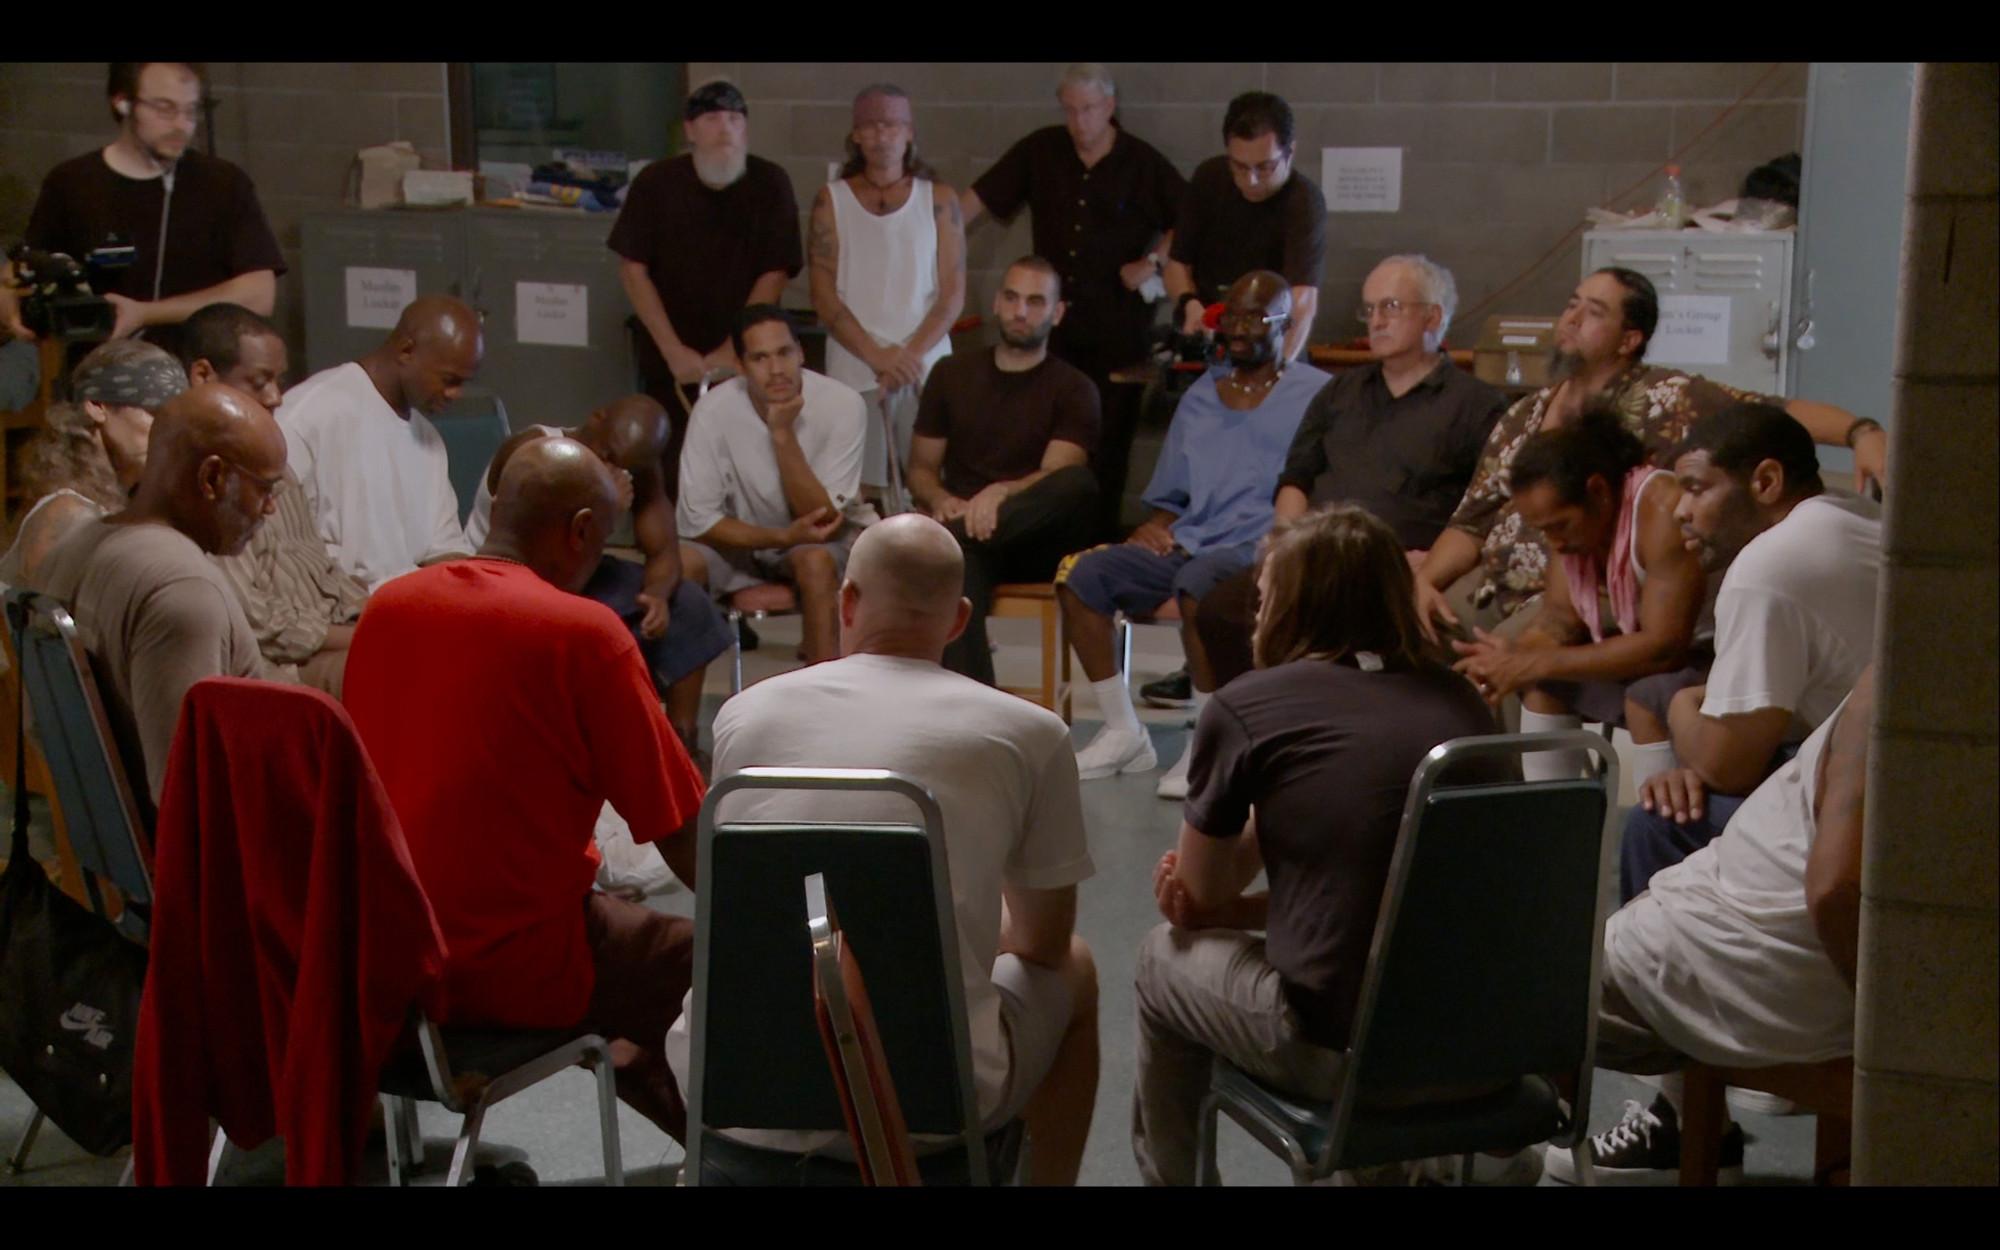 Kadr z filmu 'Praca' (fot. materiały prasowe)